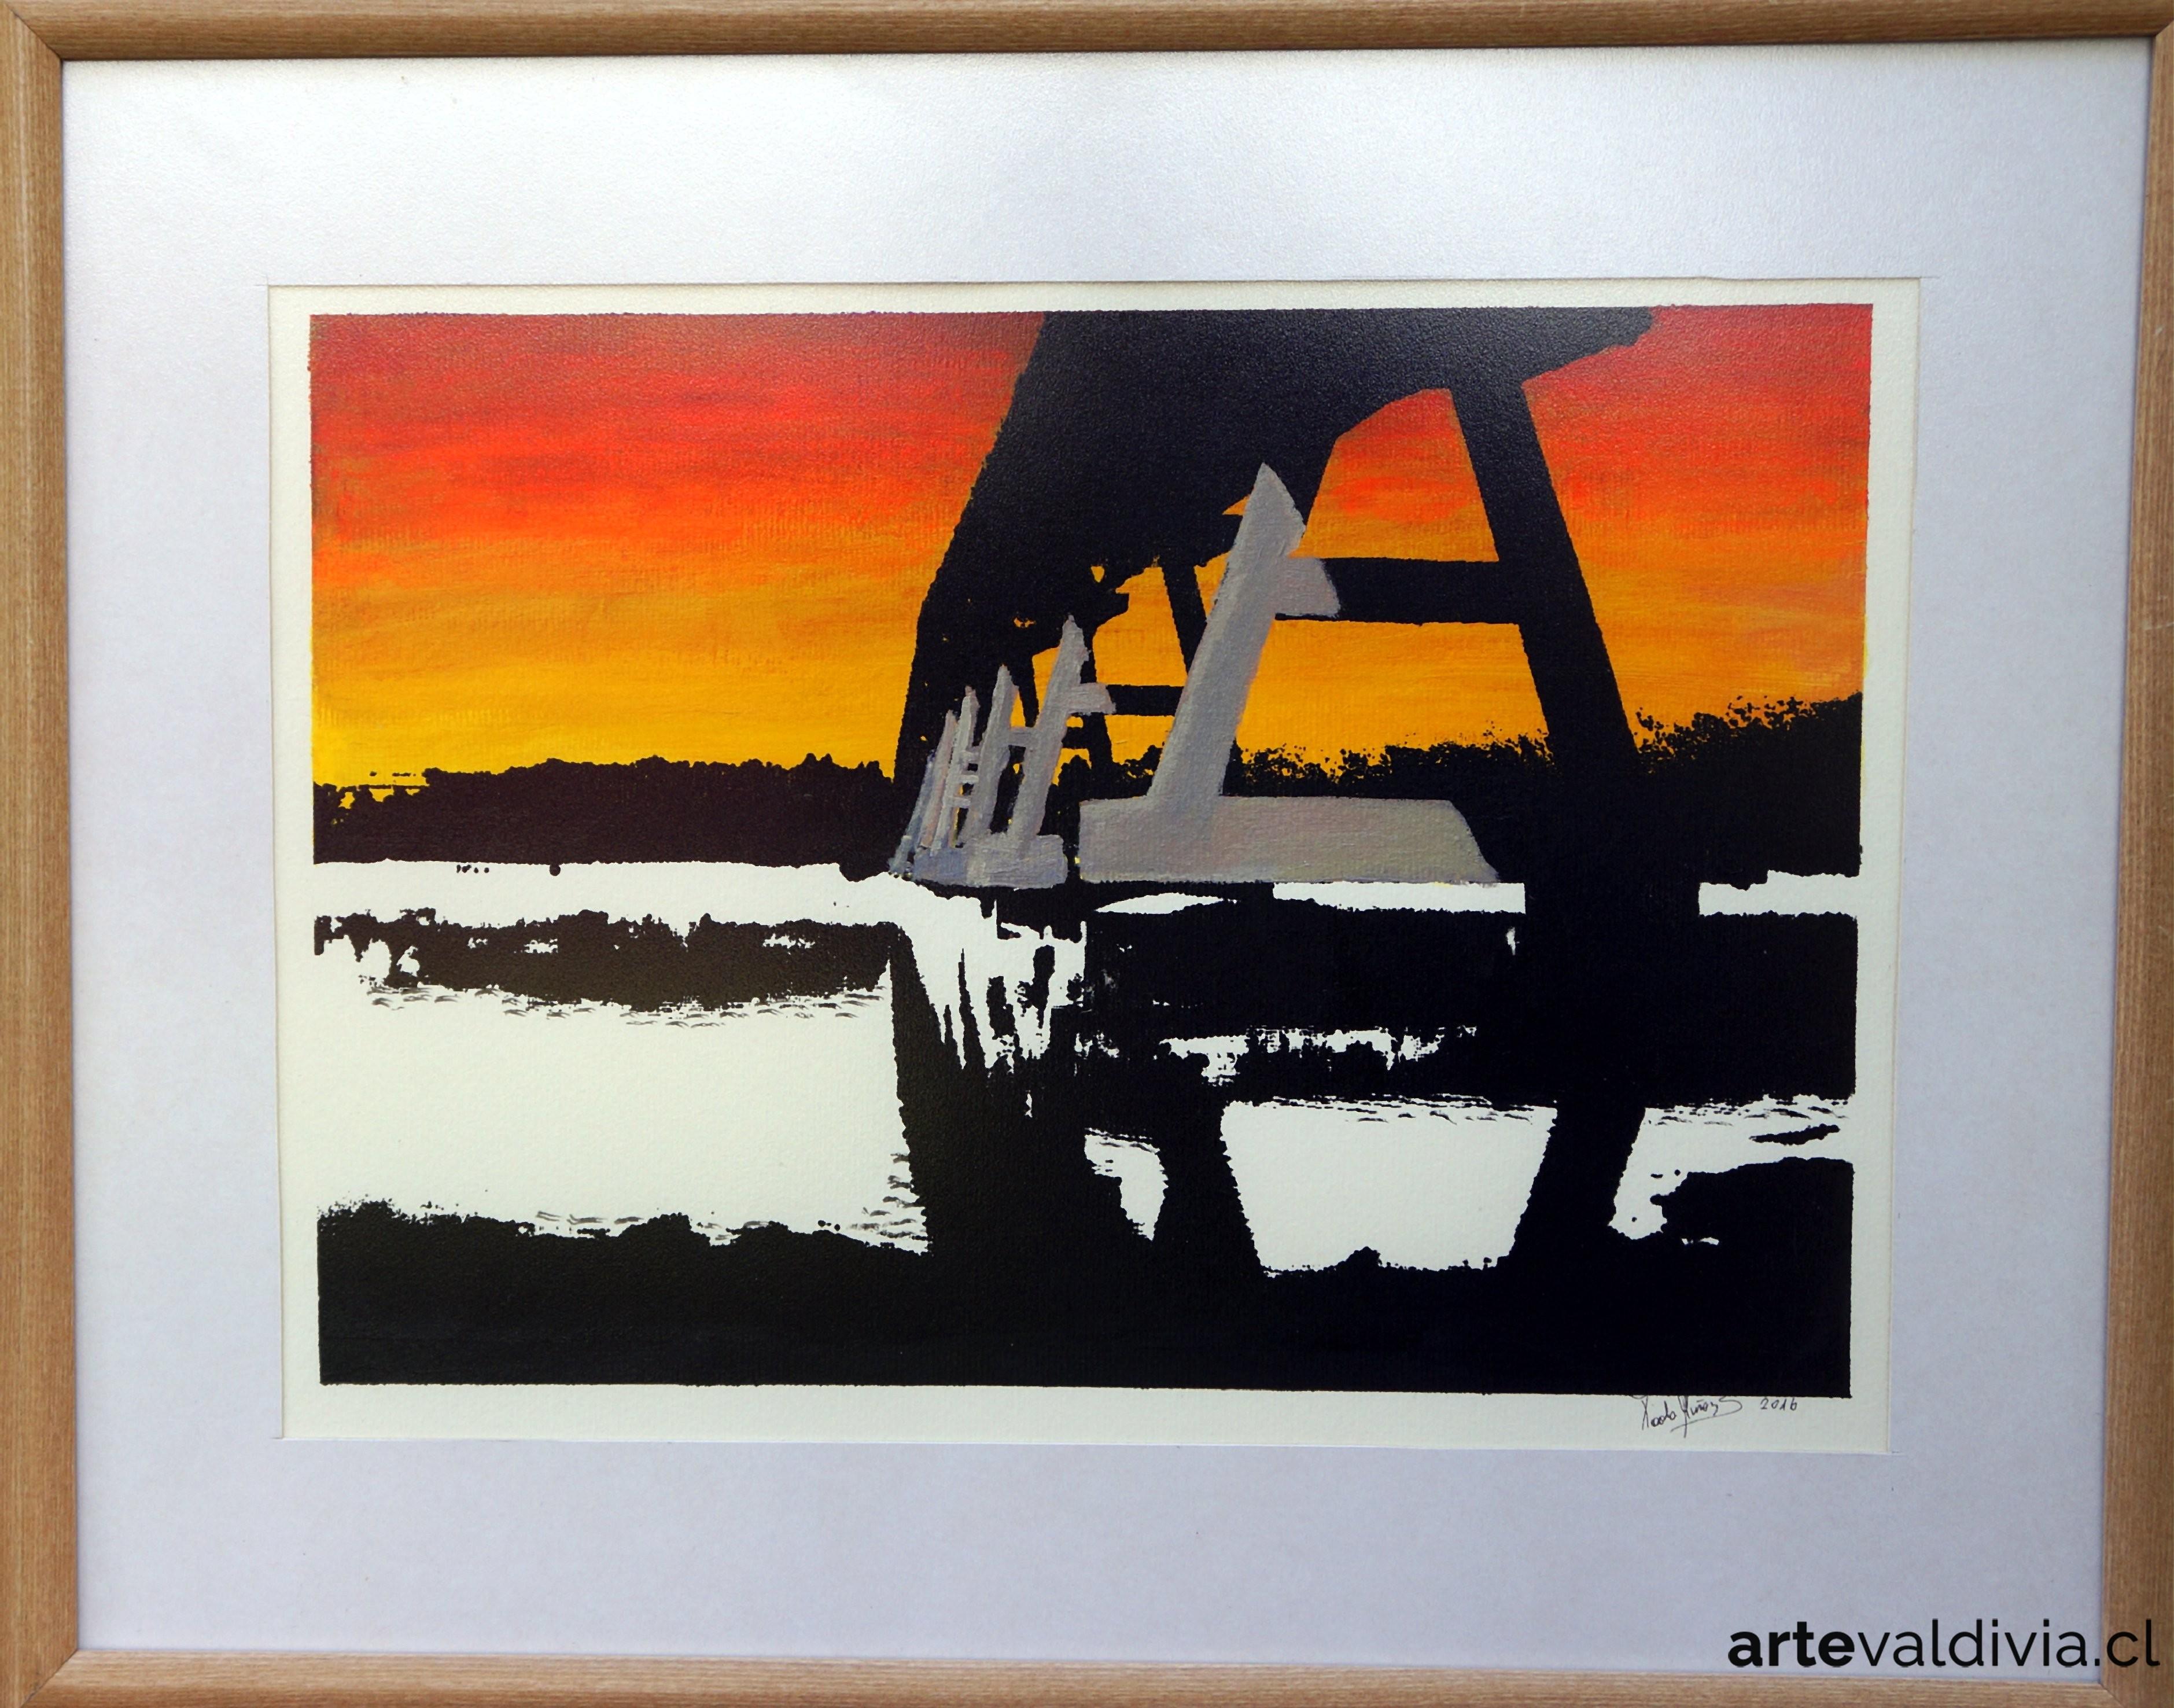 Puente cruces, serigrafía enmarcada en vidrio difuso - Arte Valdivia